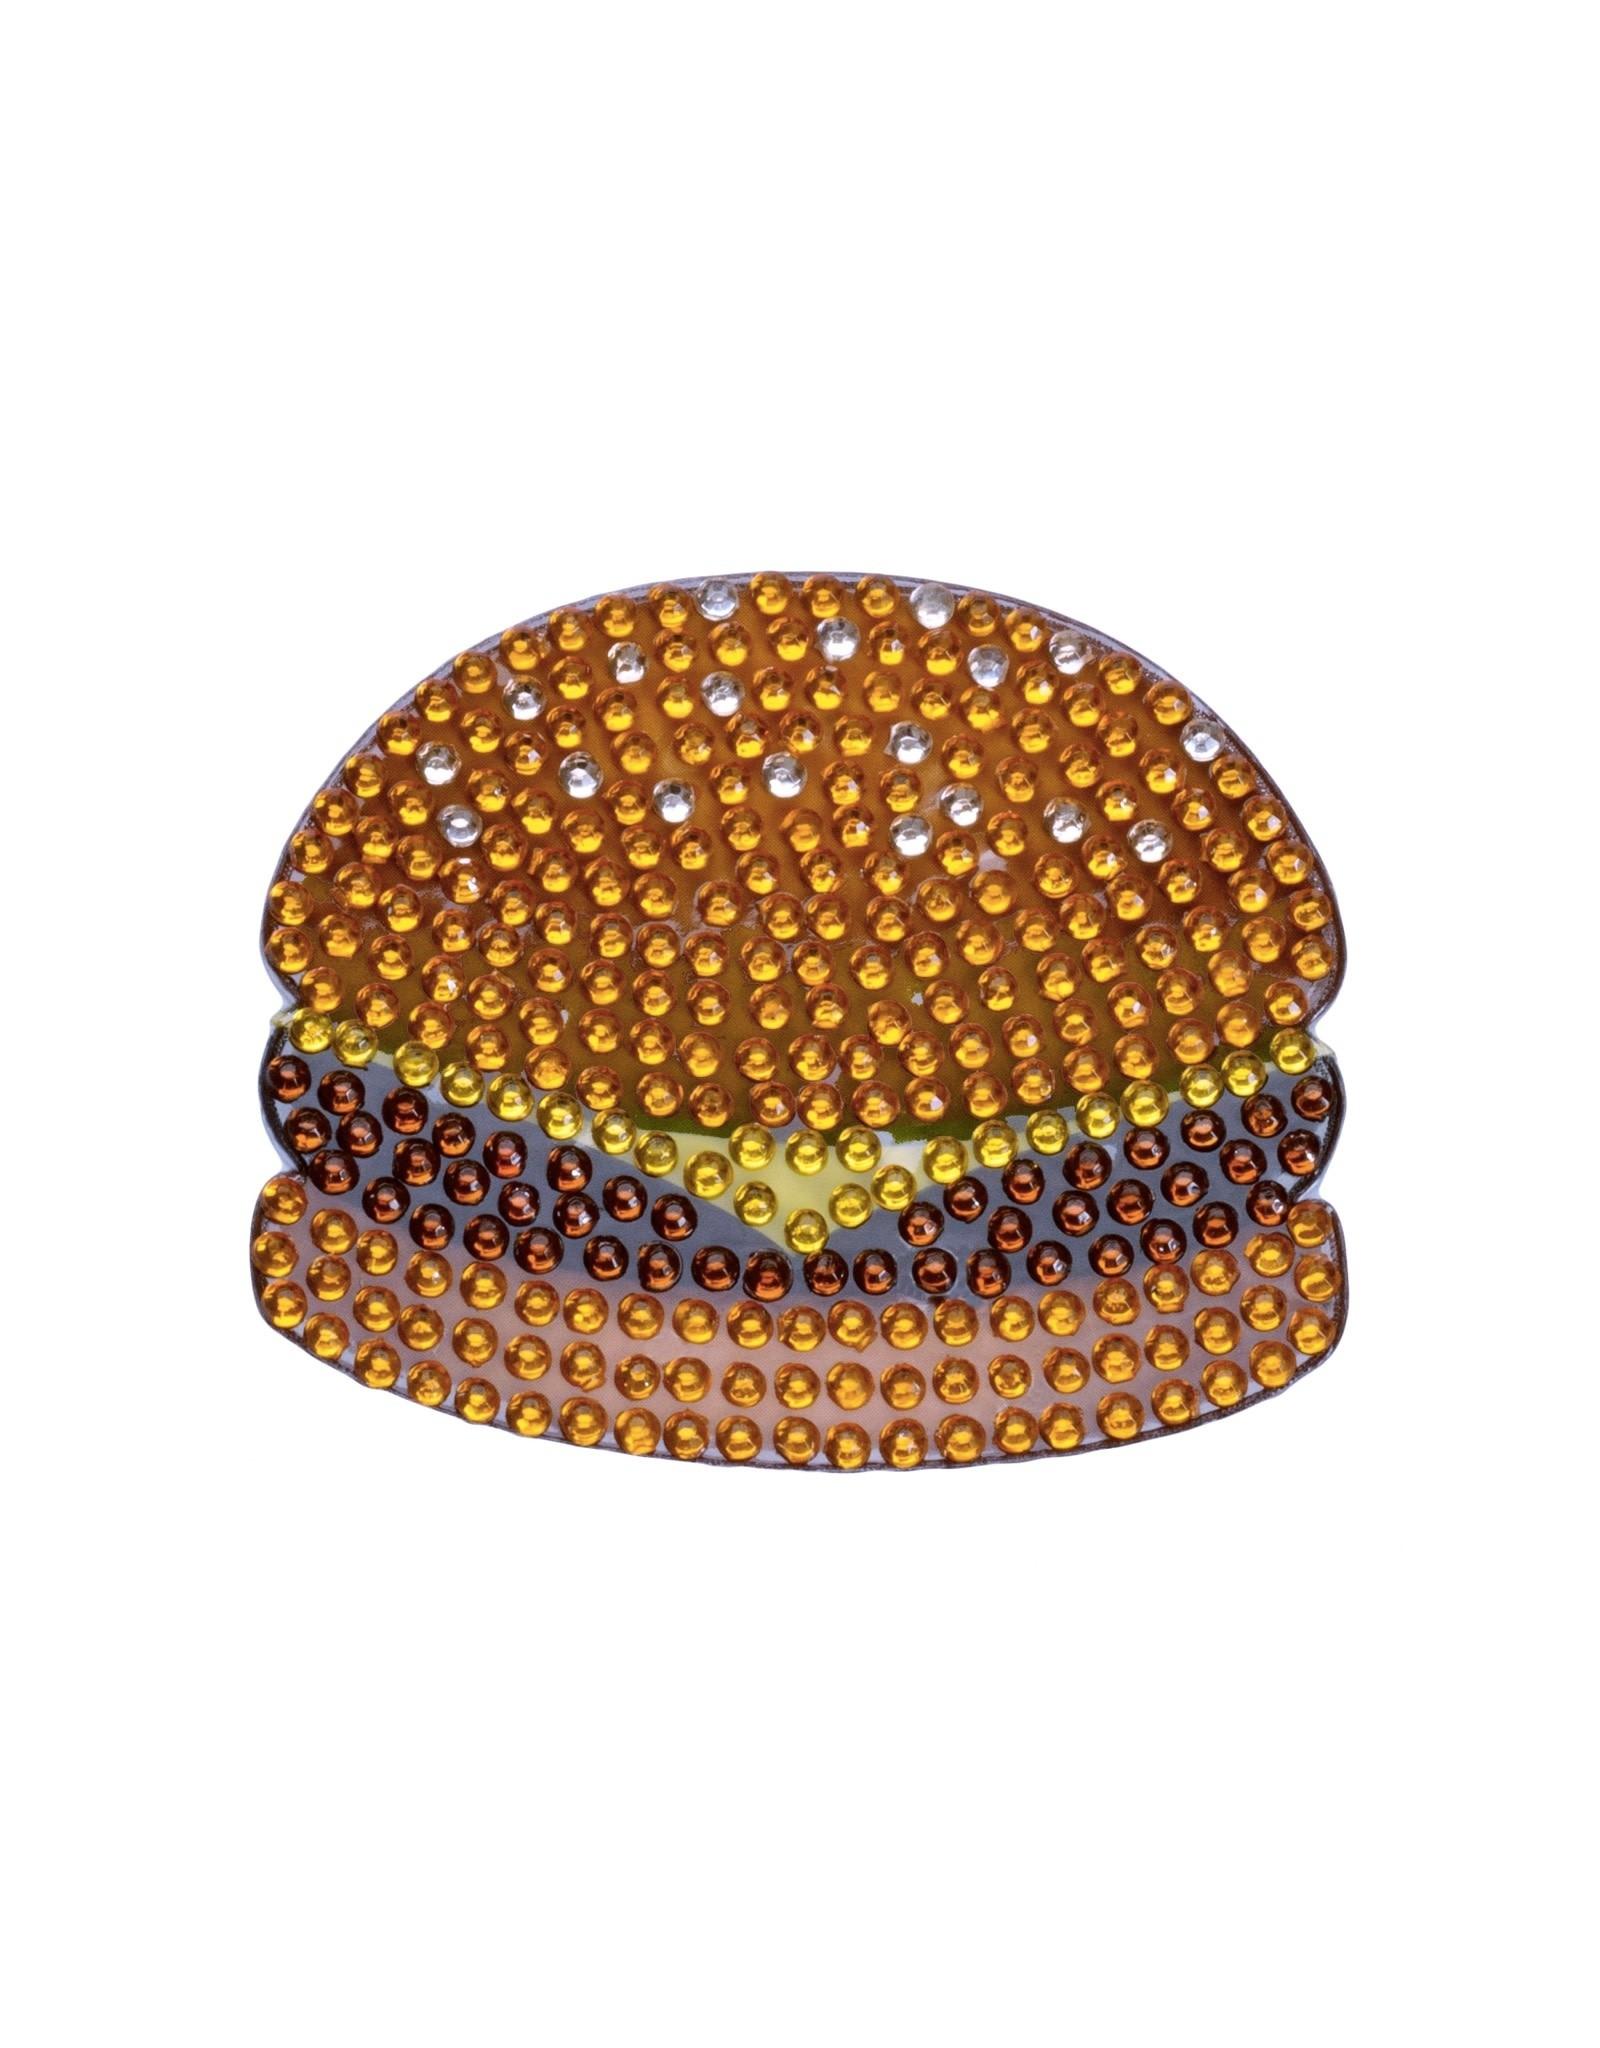 Sticker Beans Hamburger